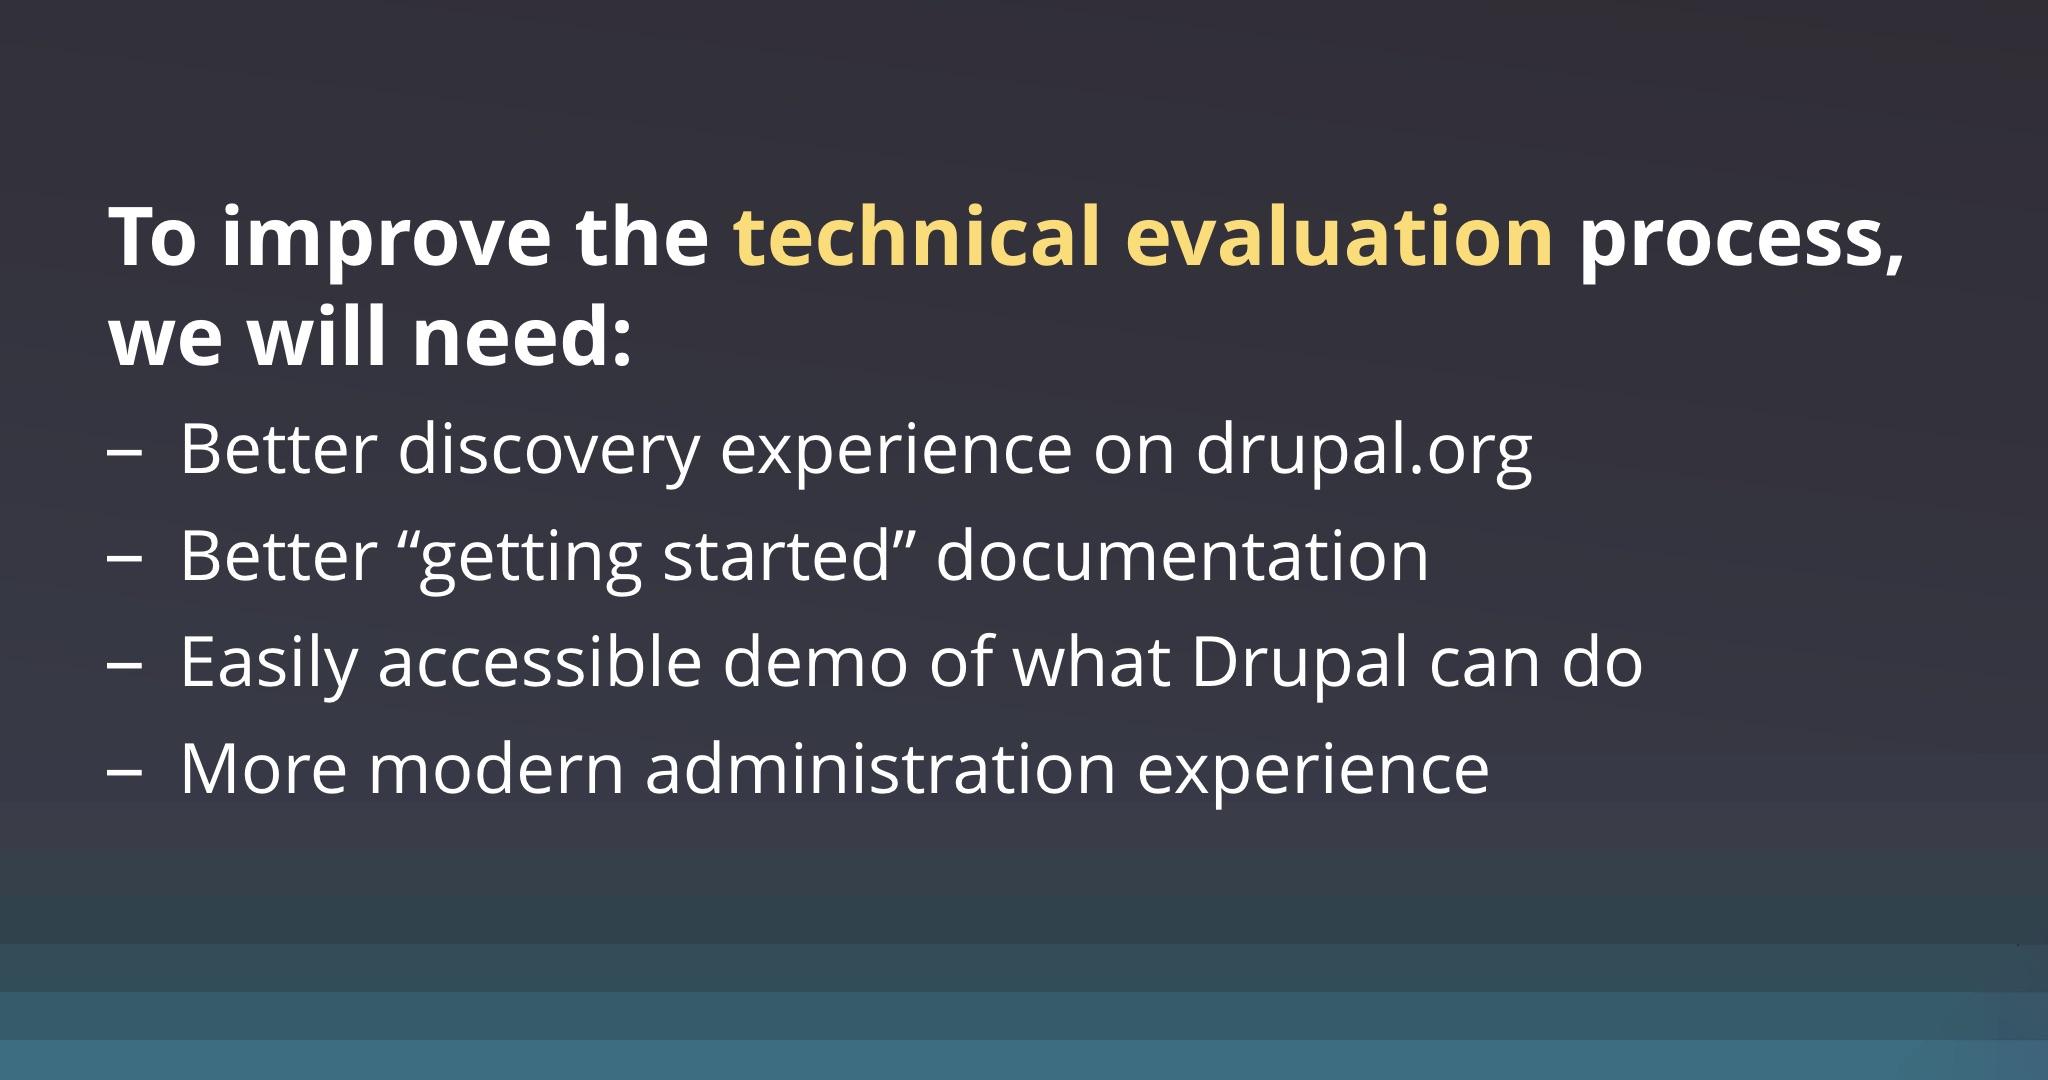 Improve technical evaluator experience